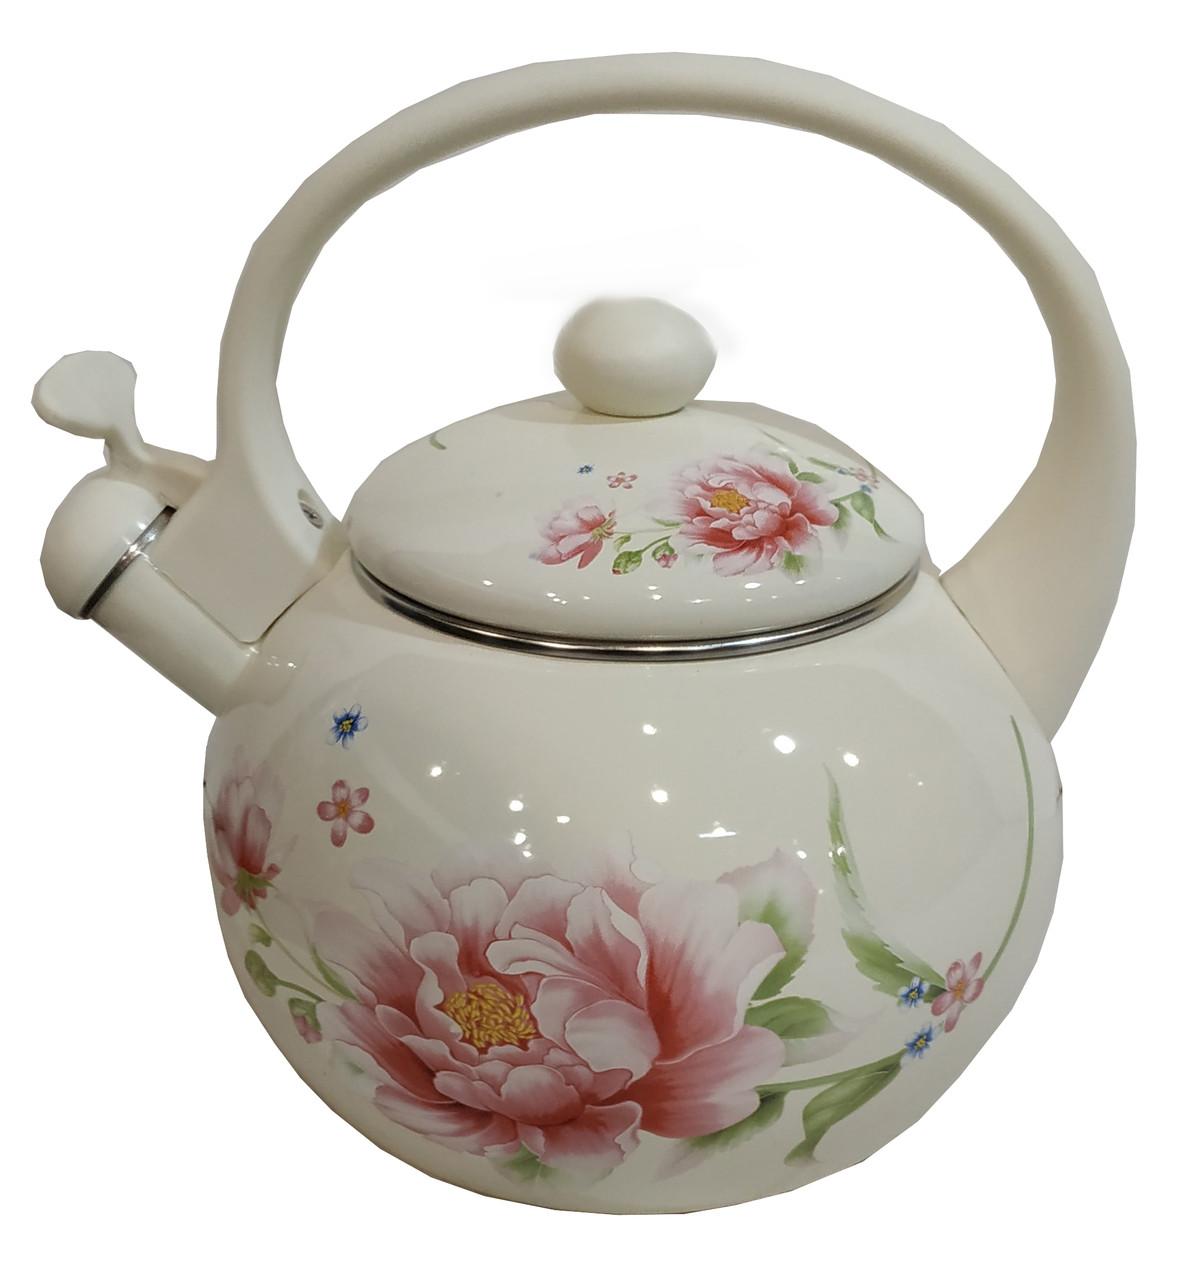 Эмалированный чайник со свистком Edenberg EB-1780 - 2,5л( белый) Пион